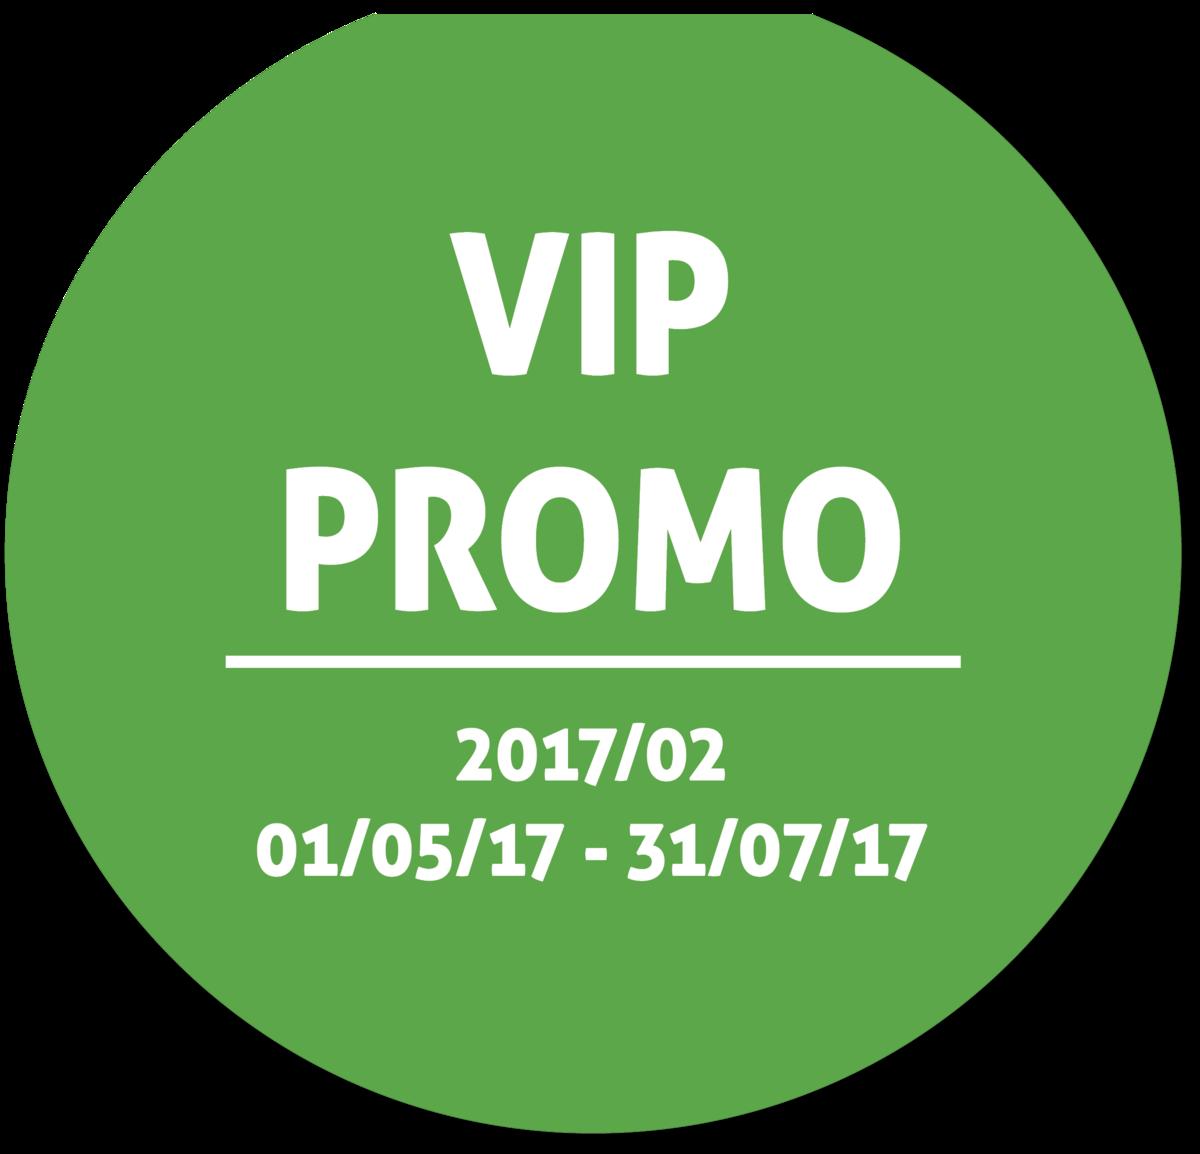 Vip Promo 2017 -2